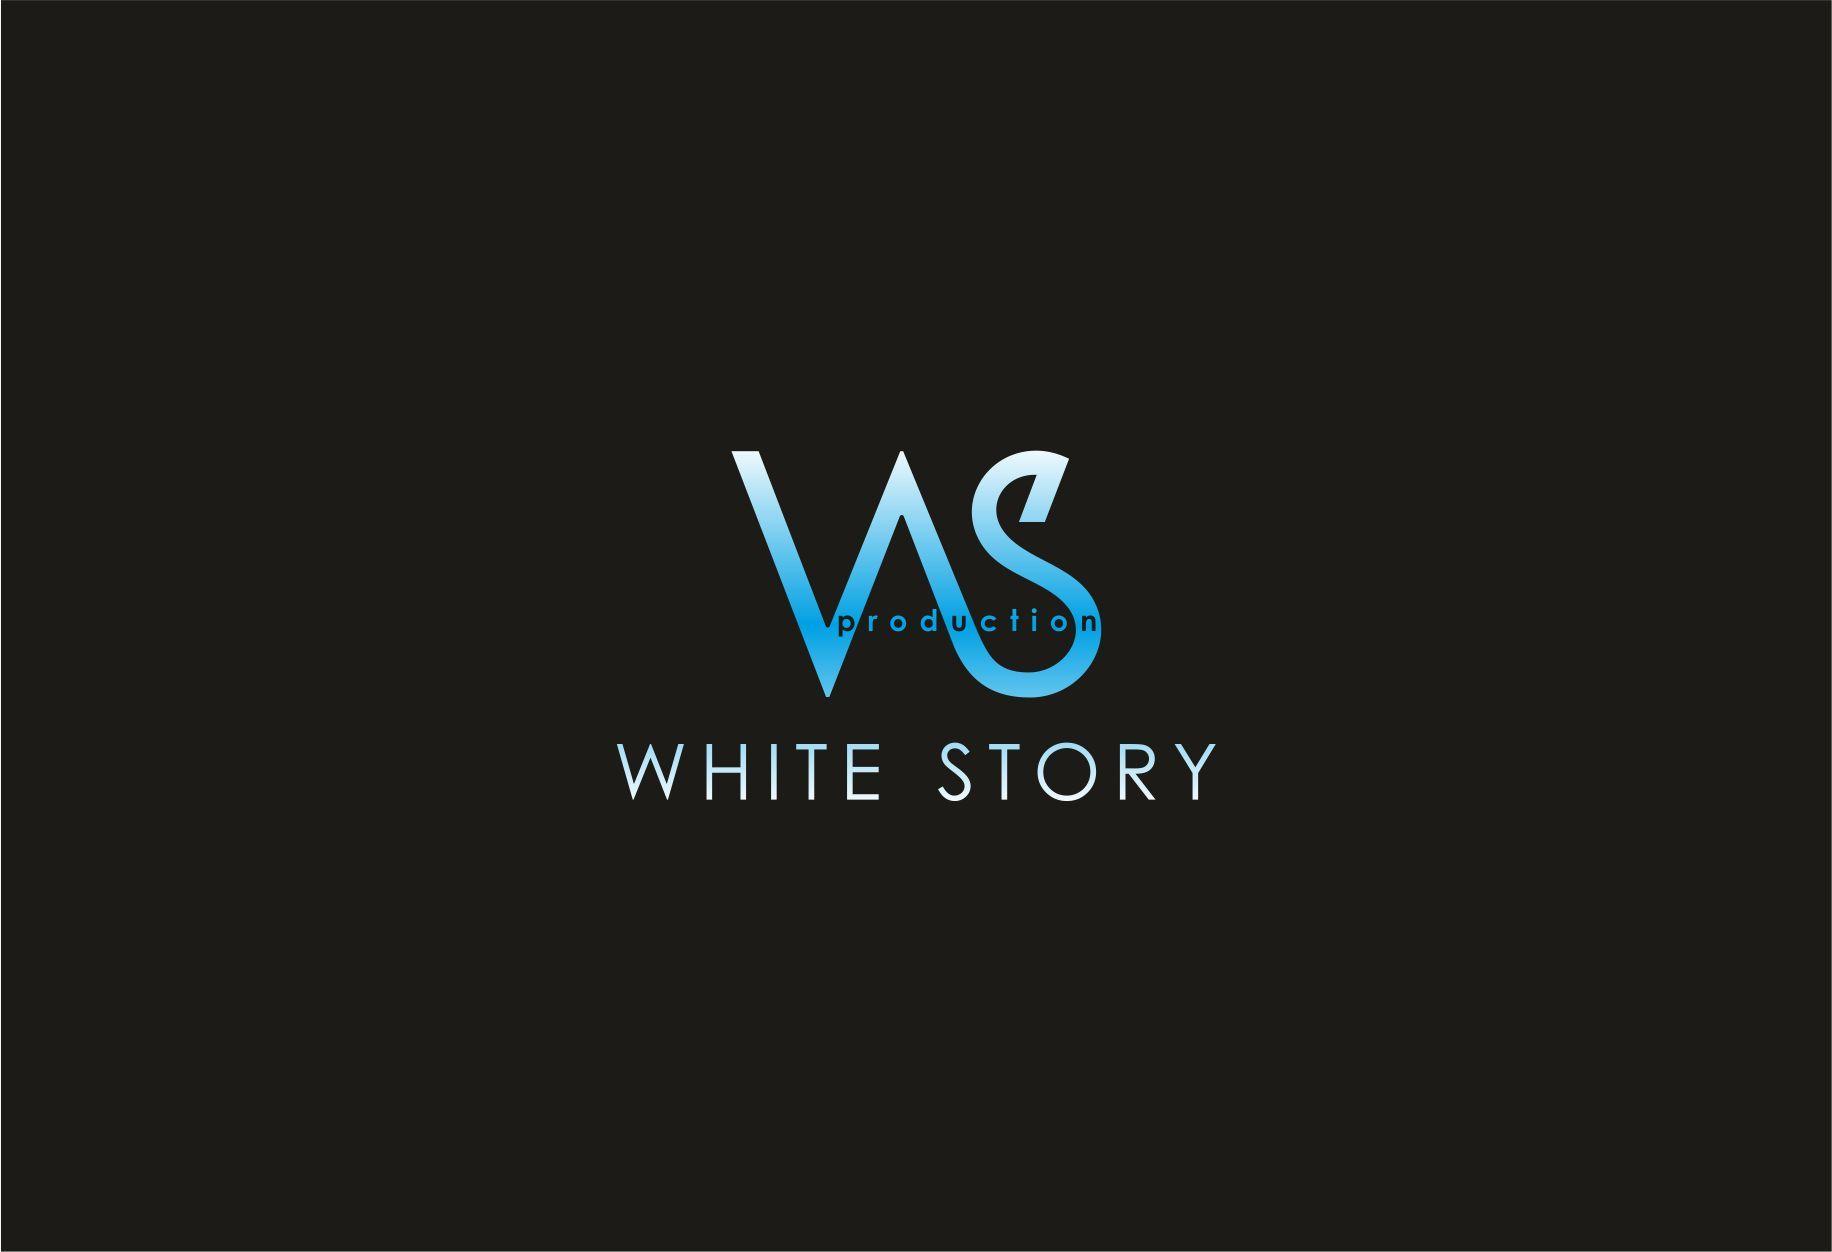 Логотип для Логотип для Фото и Видео продакшена - дизайнер graphin4ik